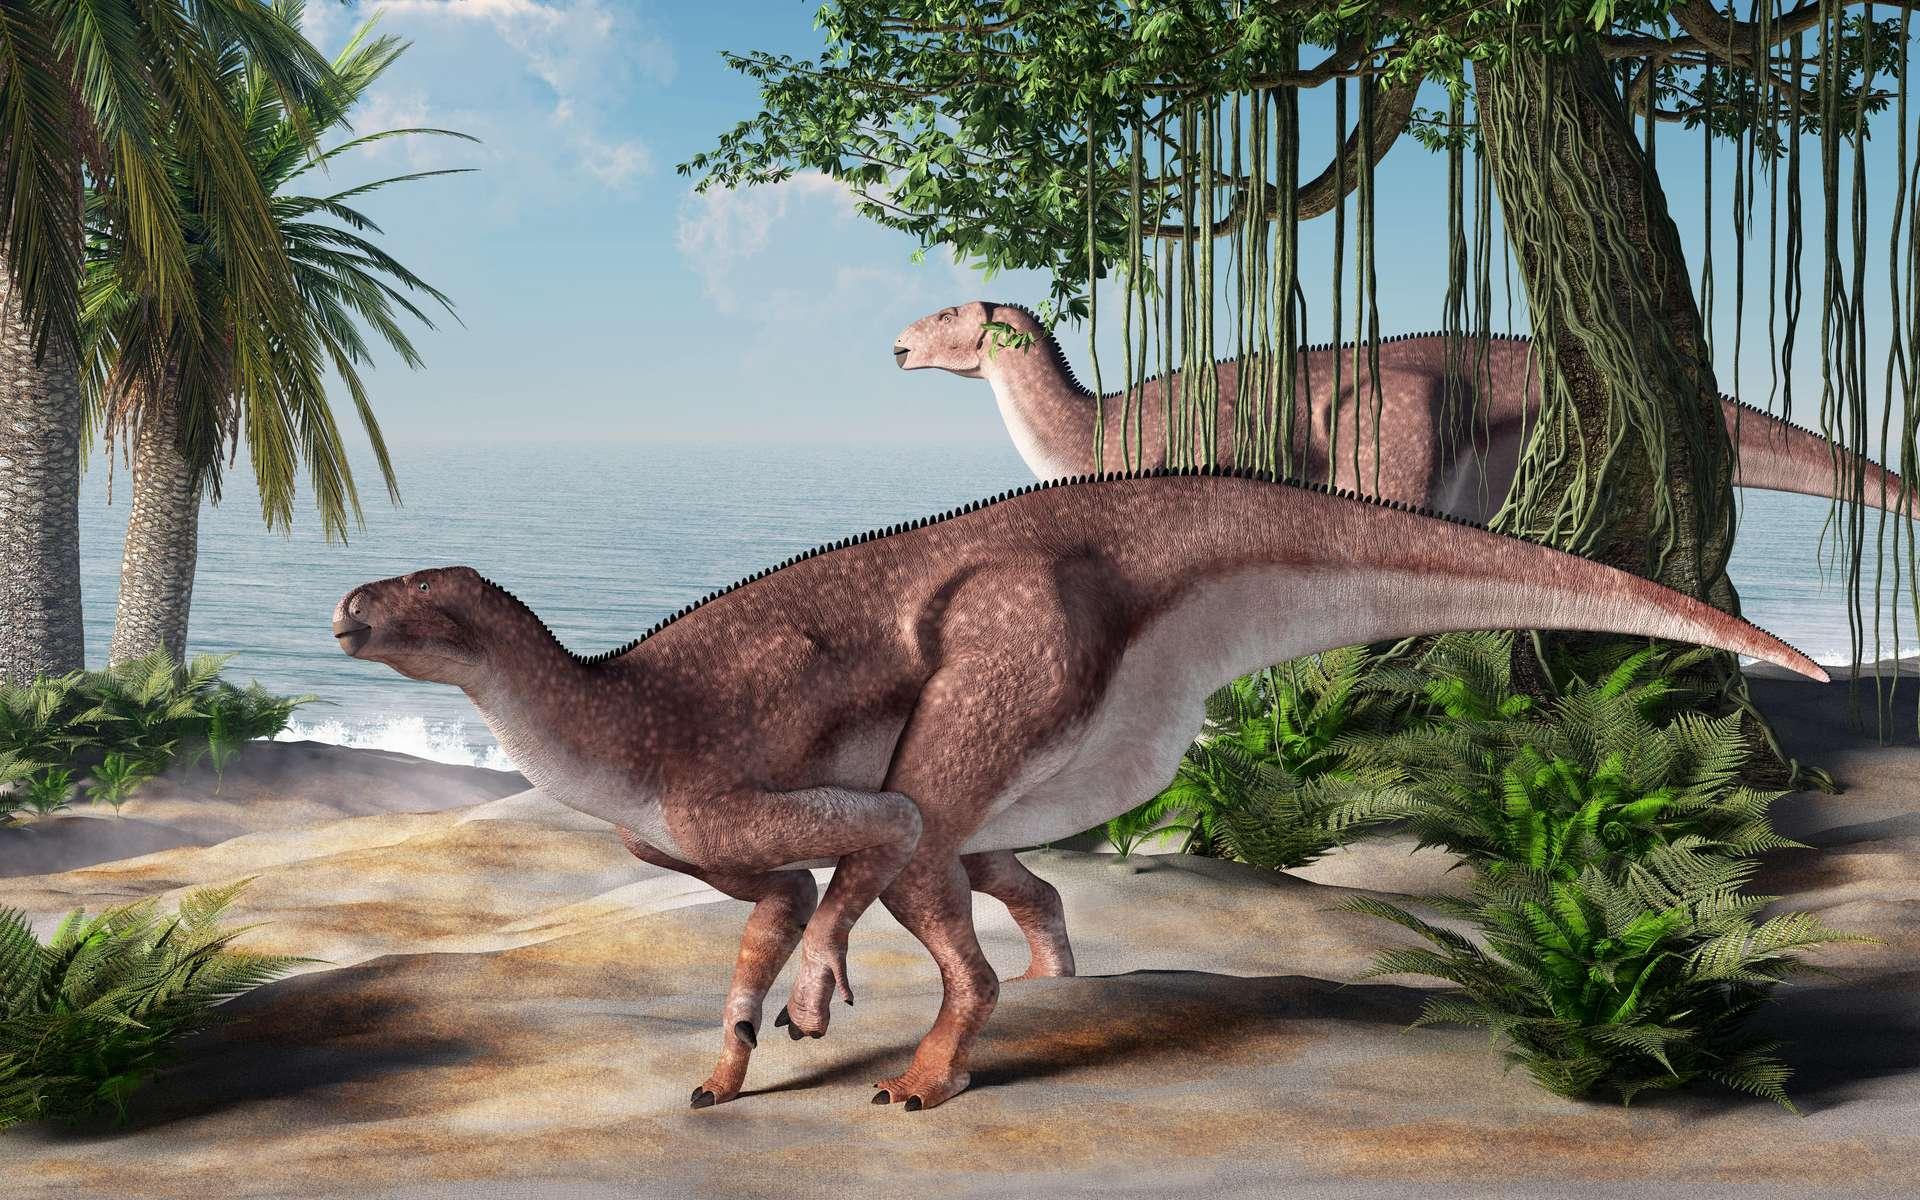 À l'époque des dinosaures, les mammifères se seraient fait concurrence entre eux. © Daniel, Adobe Stock